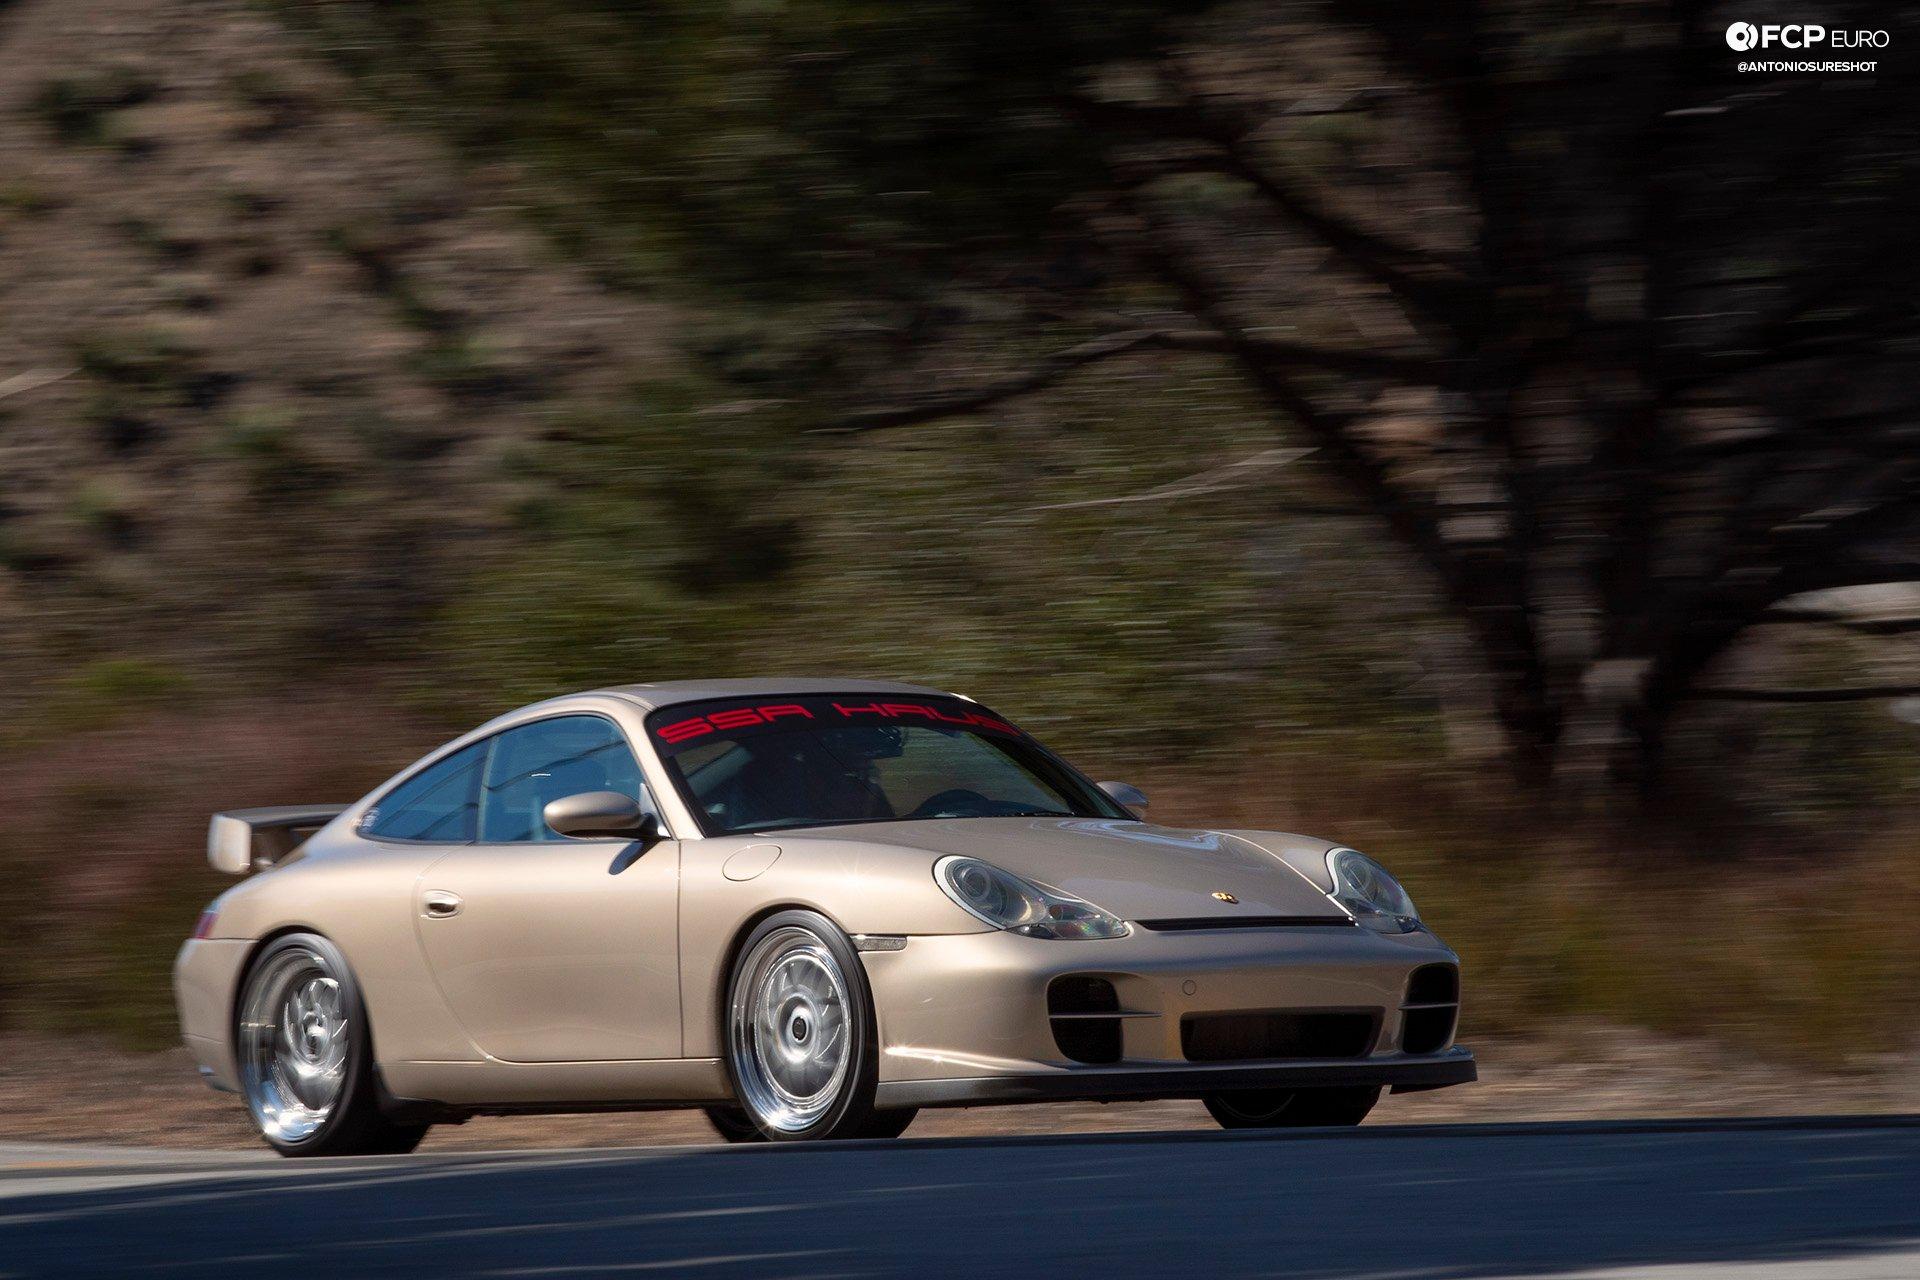 Porsche 911 996 6spd M96 Bilstein B8 Stoptech Eibach Forgestar 1DX25071